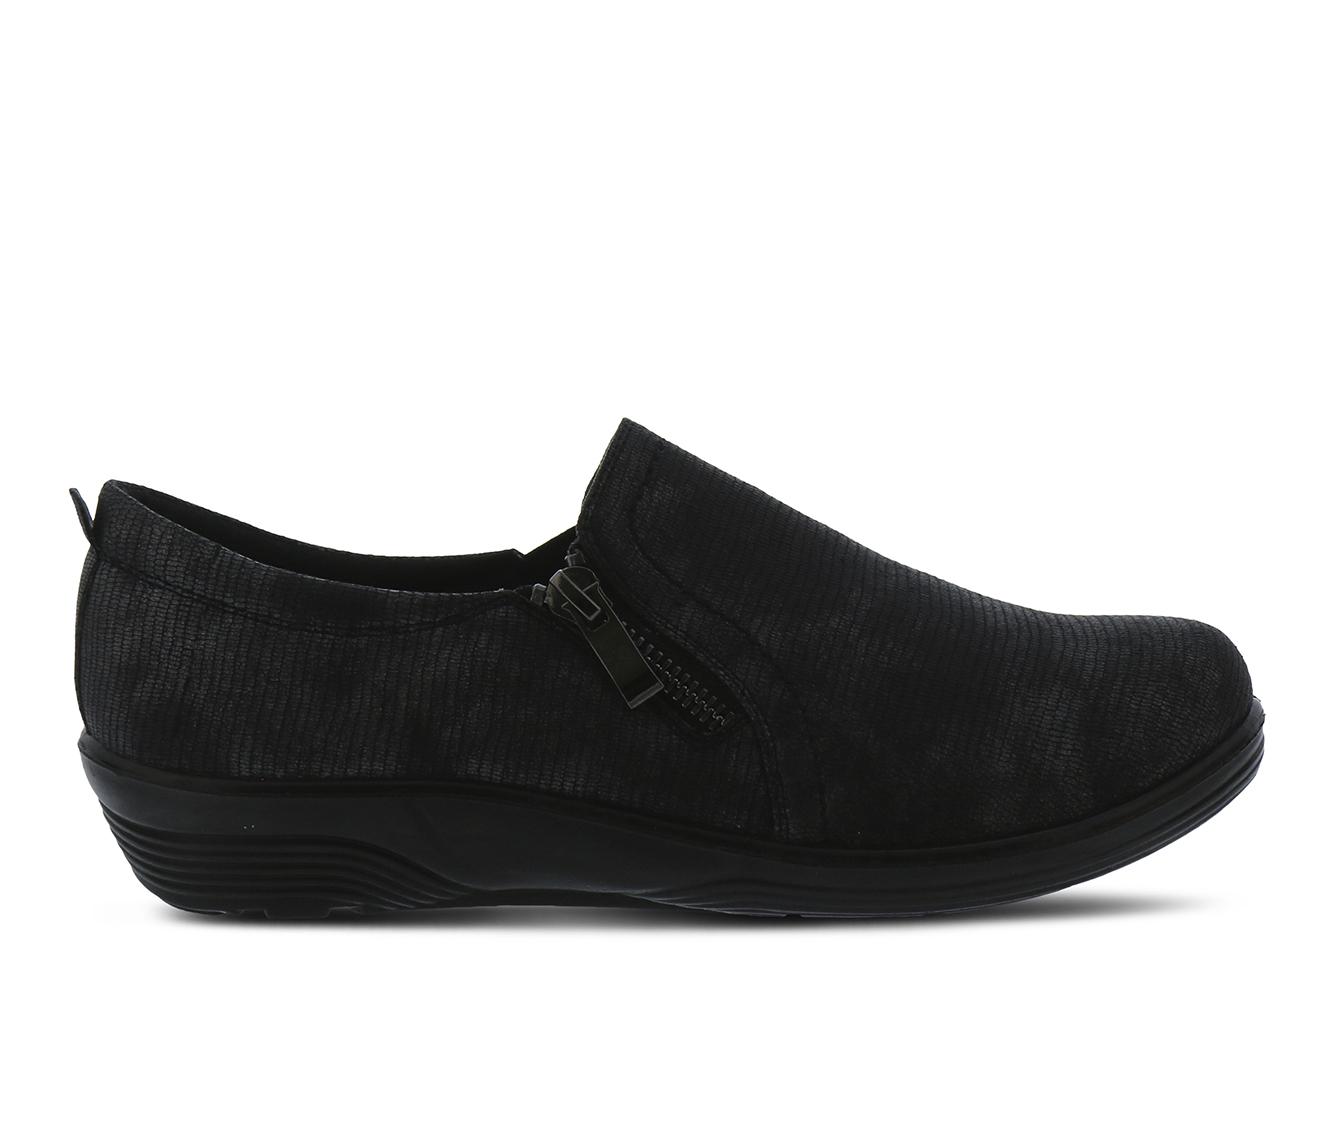 Flexus Mandiella Women's Shoe (Black Faux Leather)